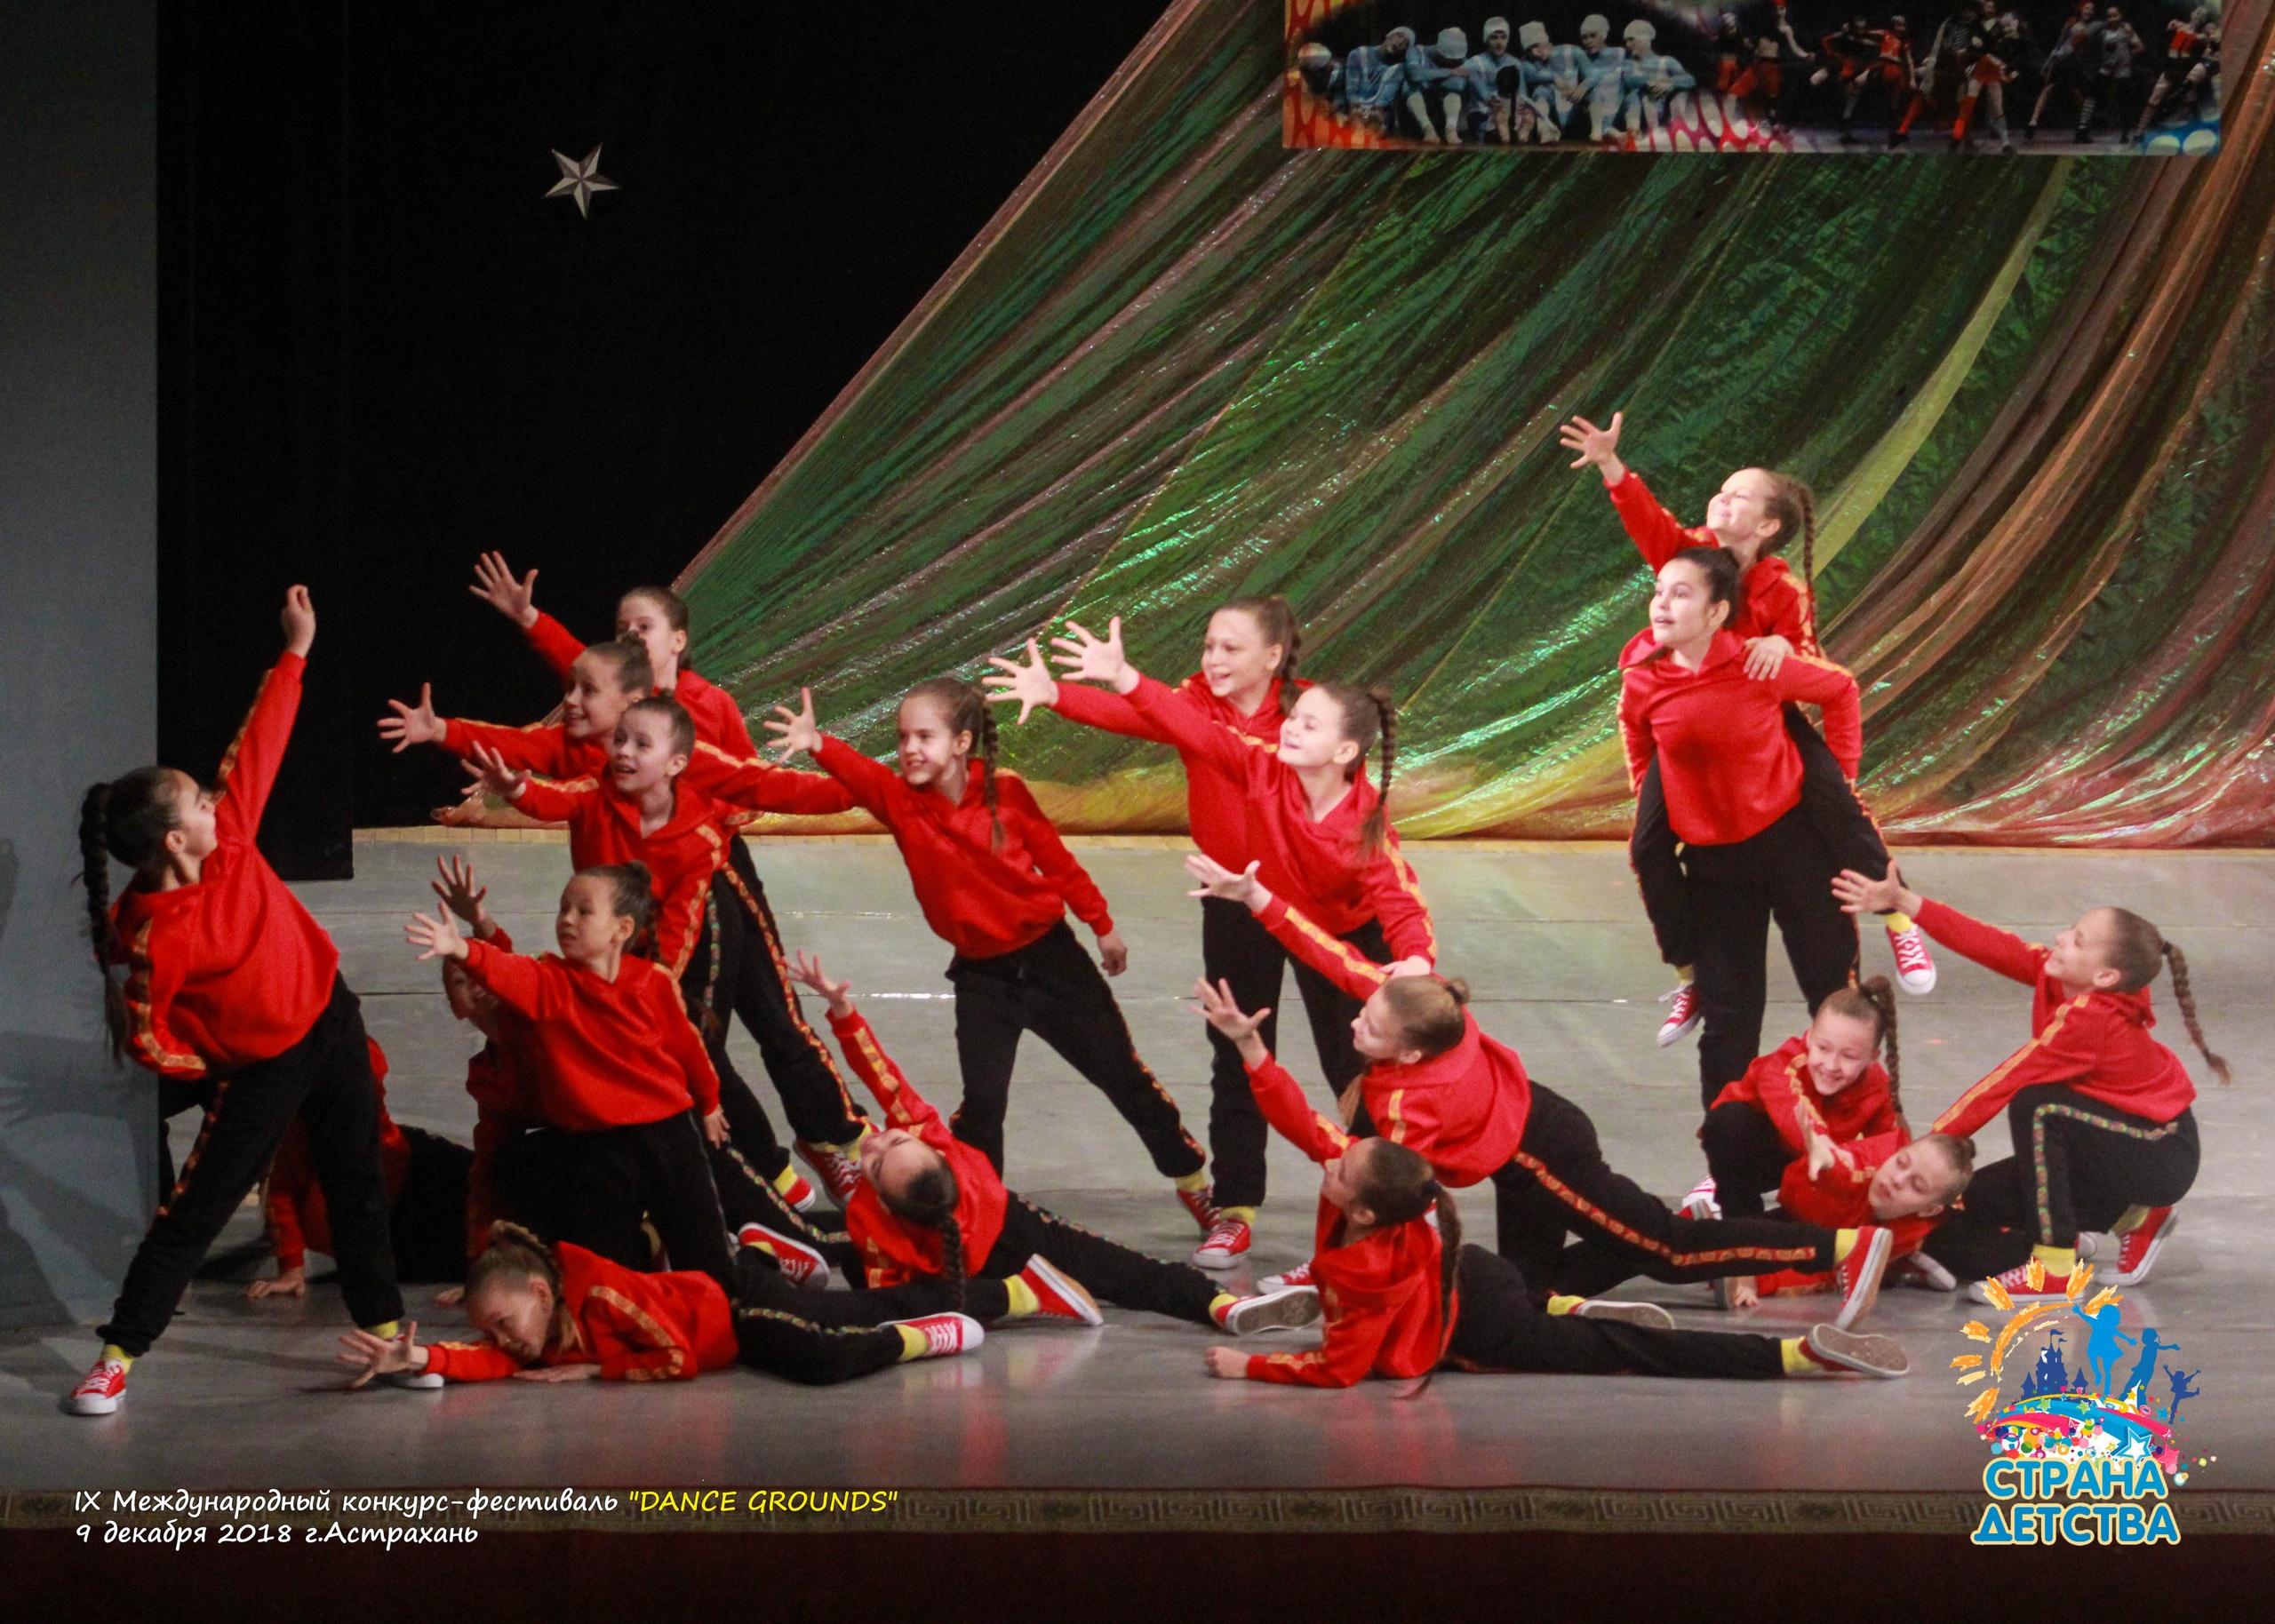 Вот уже 9-ый год подряд в г. Астрахани проходит Хореографический конкурс по современным танцевальным направлениям